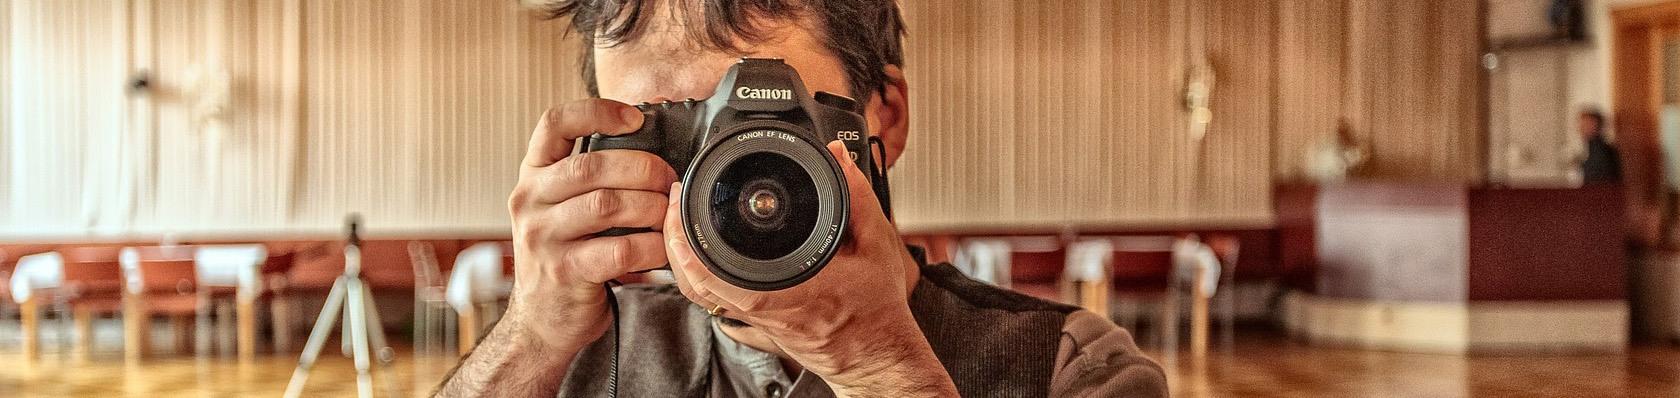 DSLR Kameras im Test auf ExpertenTesten.de